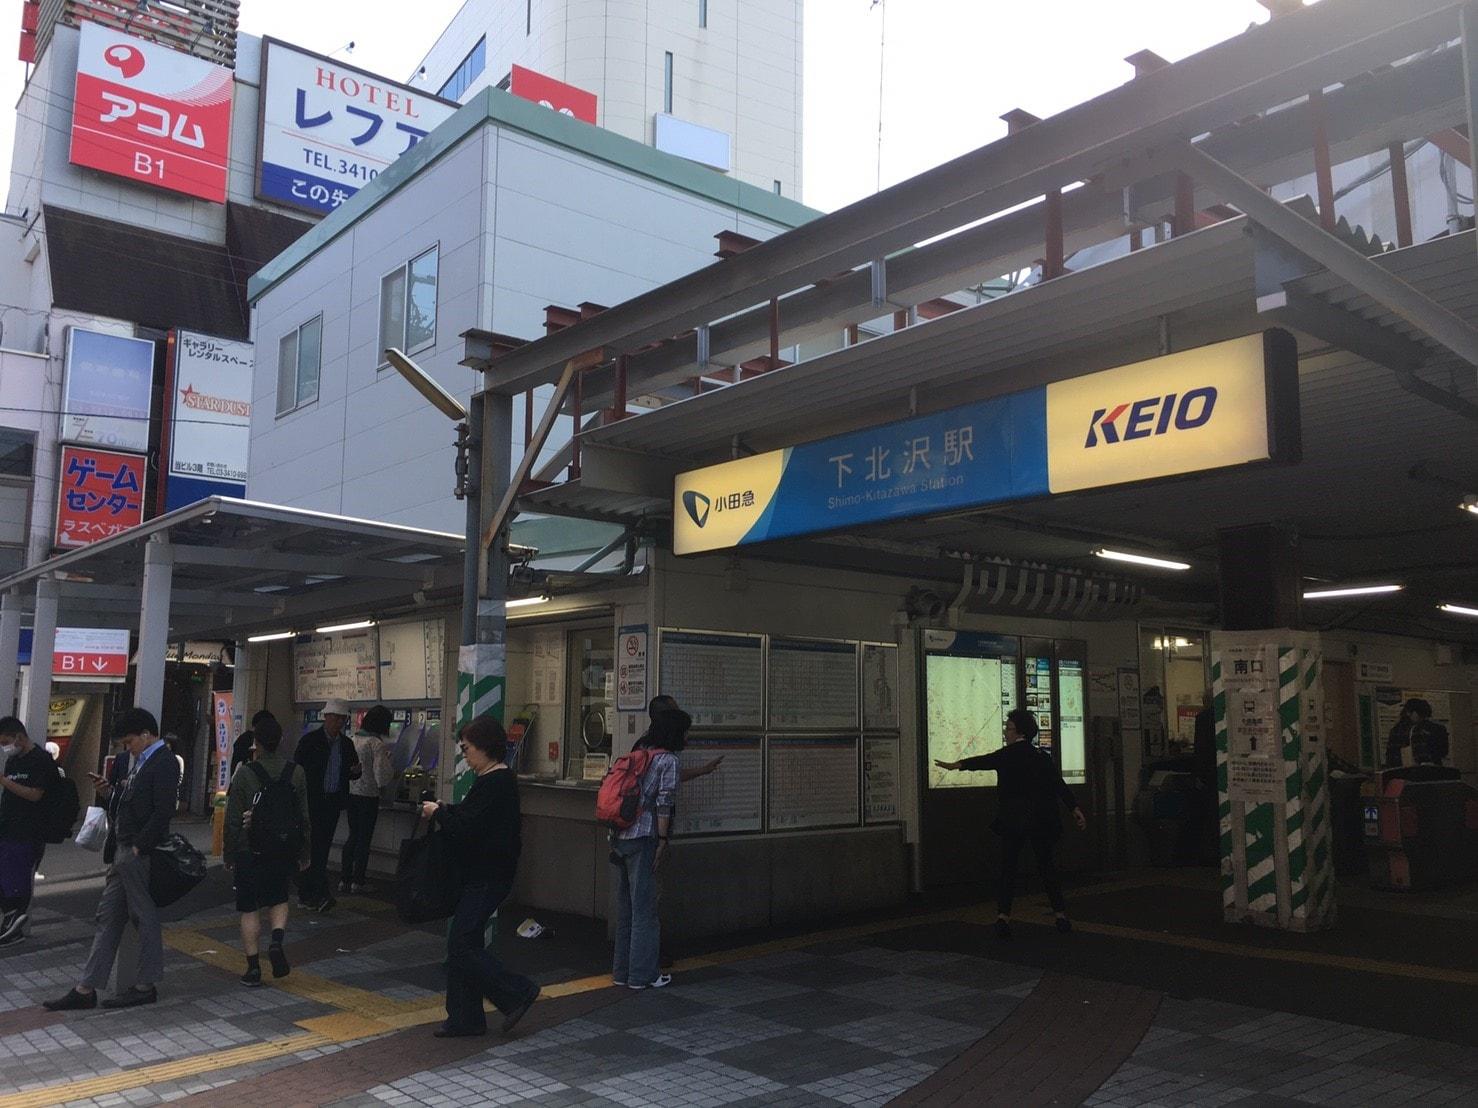 下北沢駅前の風景